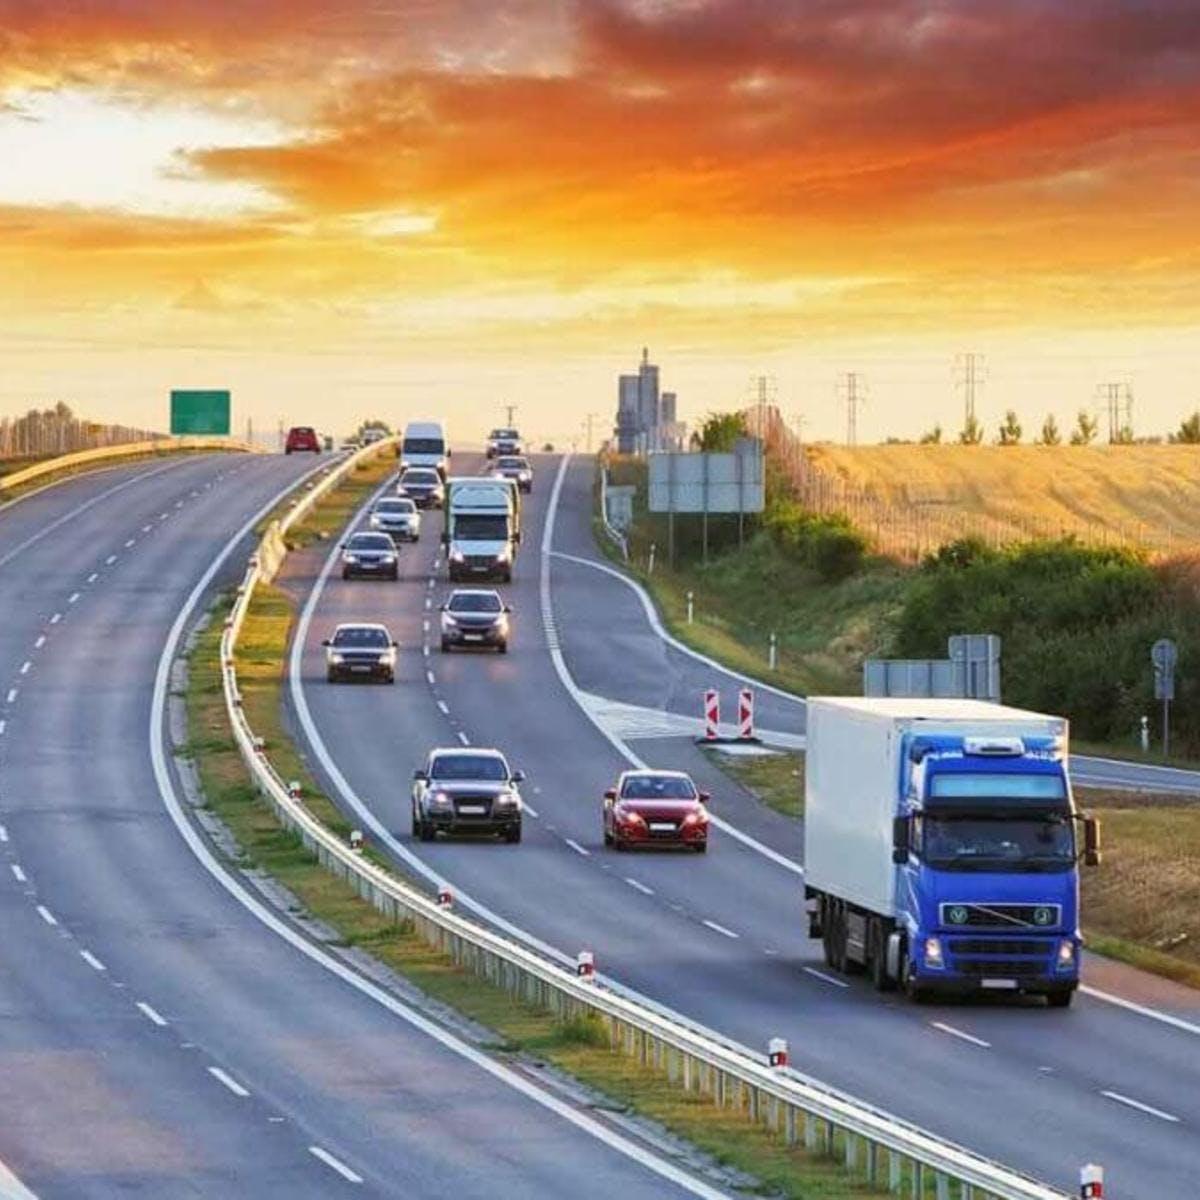 Cross-border road transport in EU law context